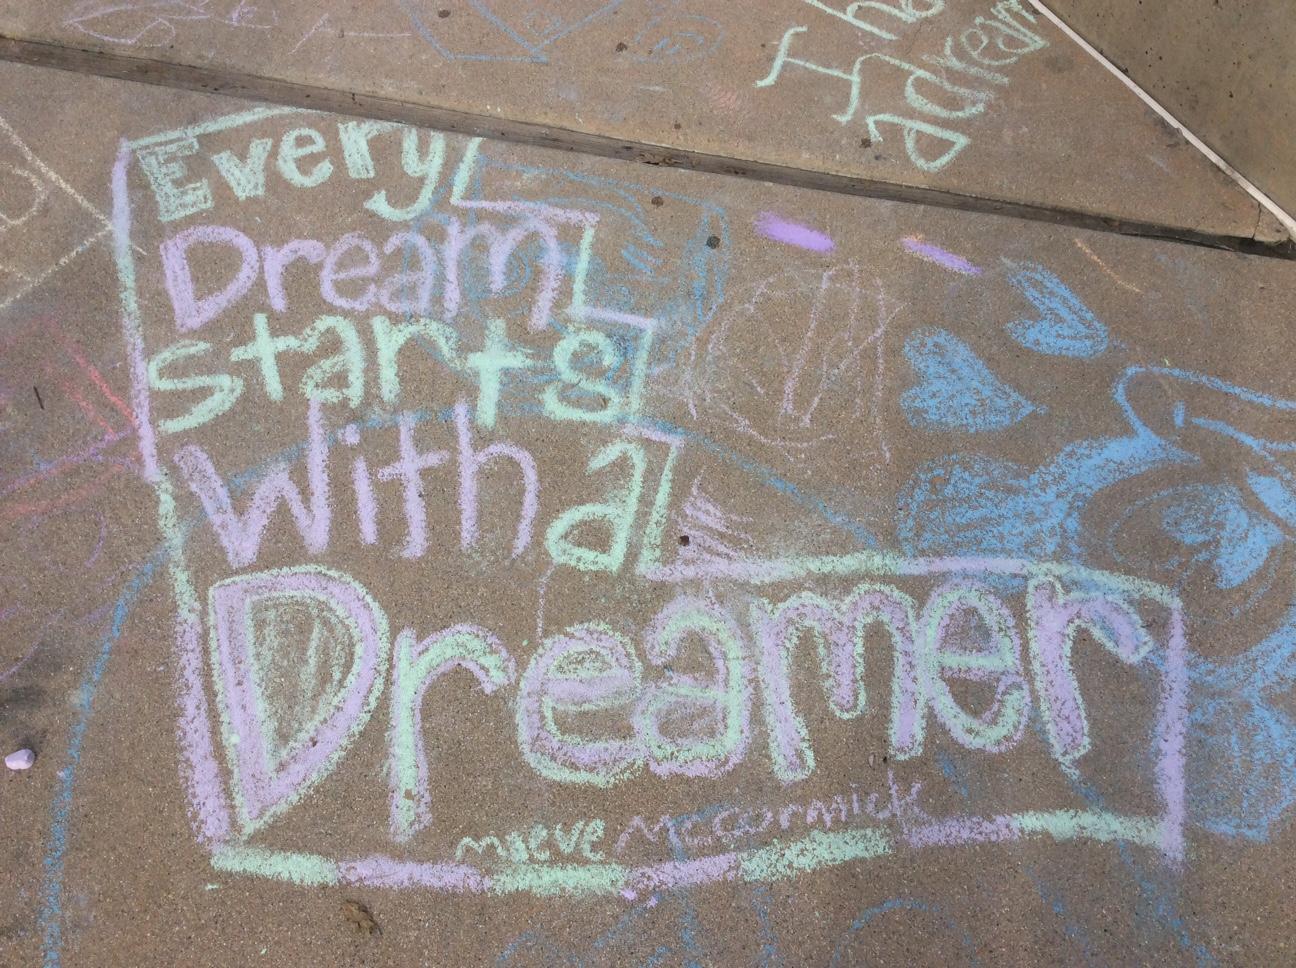 Every dream...